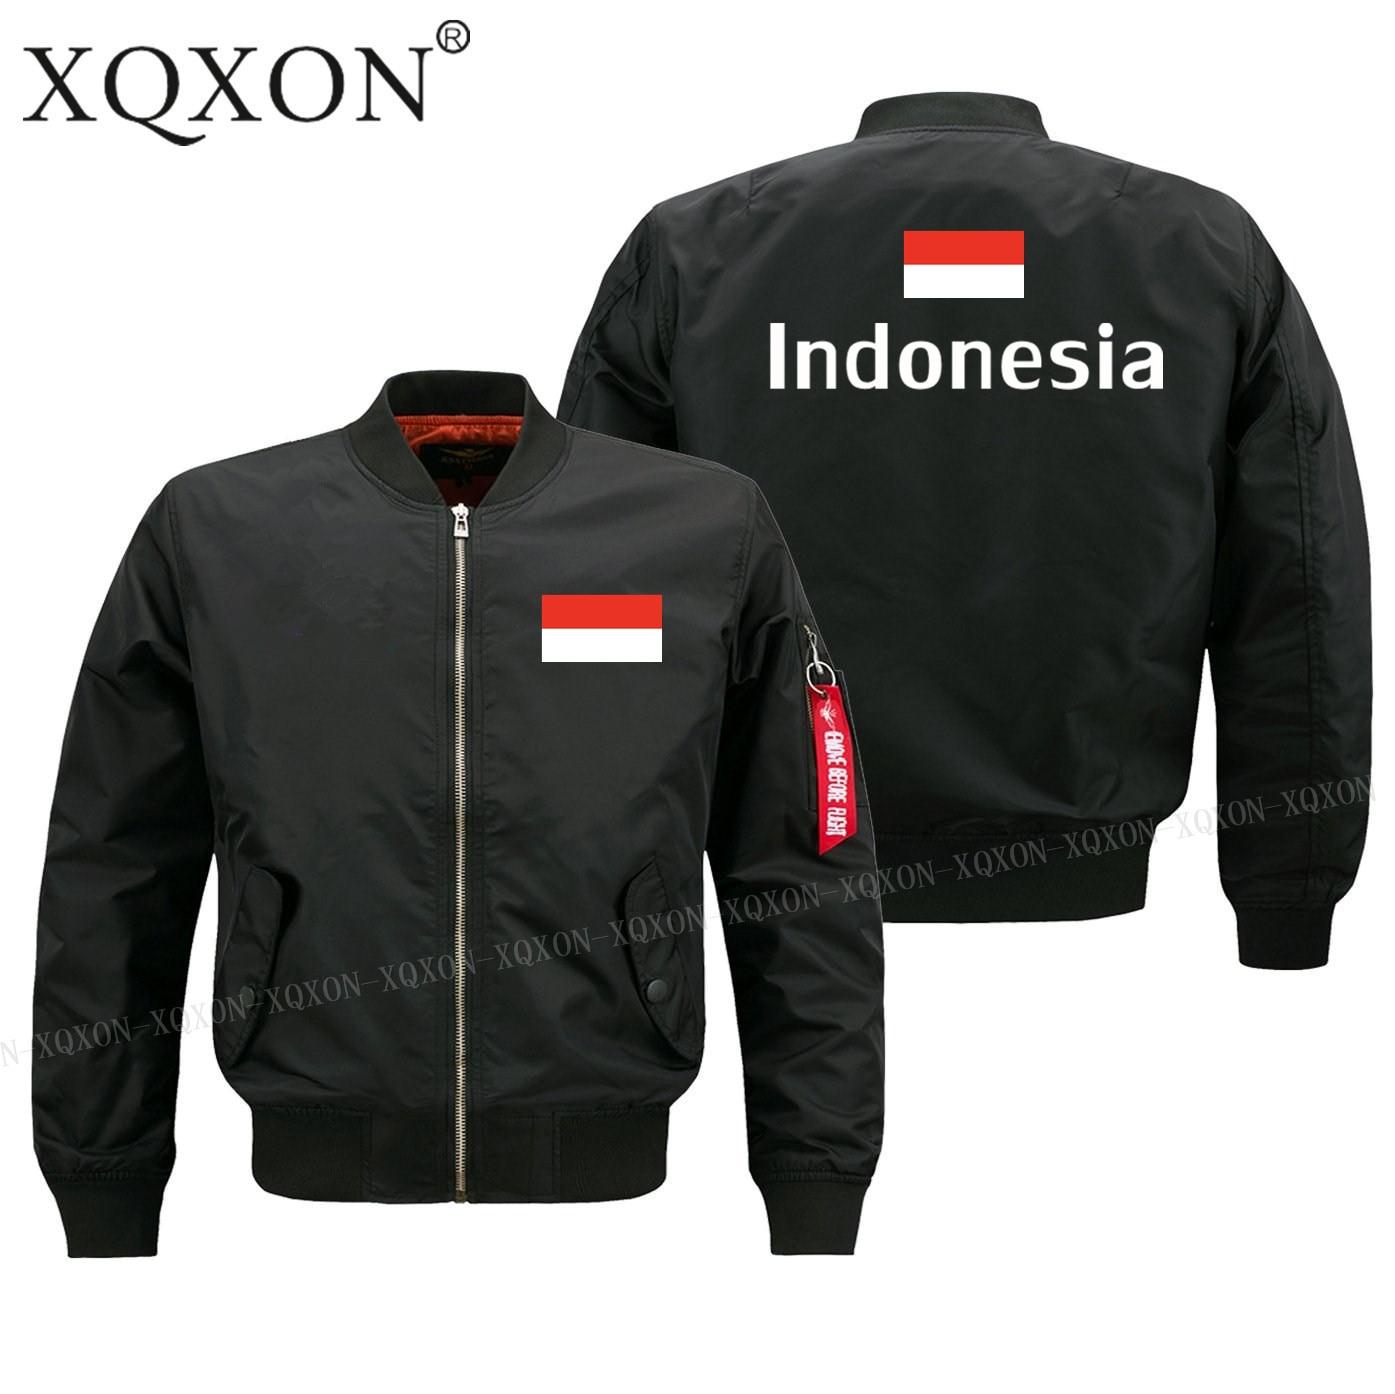 Новый дизайн-Индонезия, модные повседневные мужские куртки 2022Men, пальто, мужская куртка-бомбер в стиле милитари J203